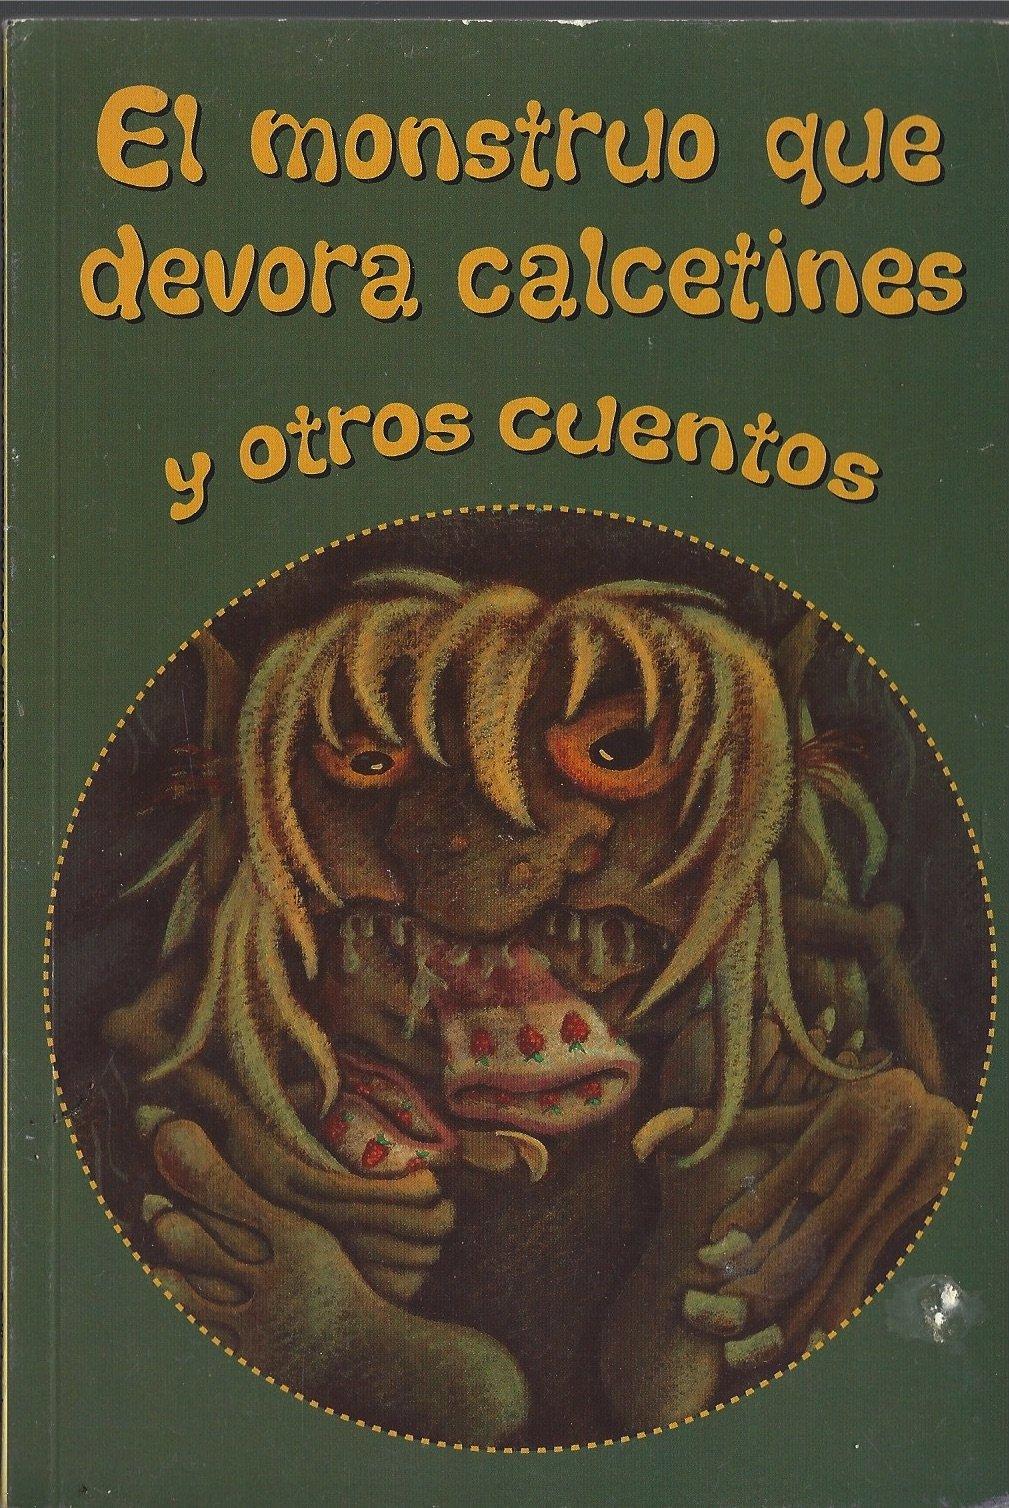 EL MONSTRUO QUE DEVORA CALCETINES Y OTROS CUENTOS: HUICI, BAGNALL, REGO, ANDERSON BERGE, COLSTON, WEBB, FARMAN, CROSS PRIEST: 9781590551486: Amazon.com: ...